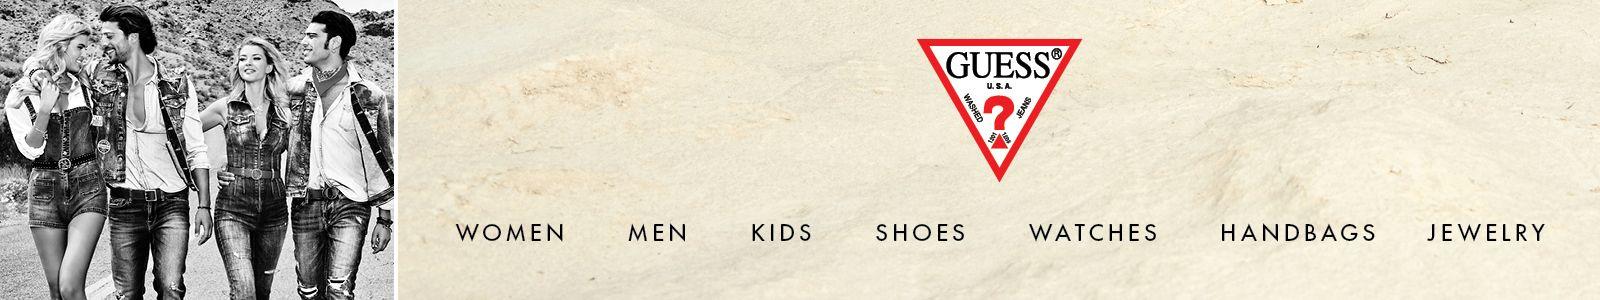 Guess, Women, Men, Kids, Shoes, Watches, Handbags, Jewelry